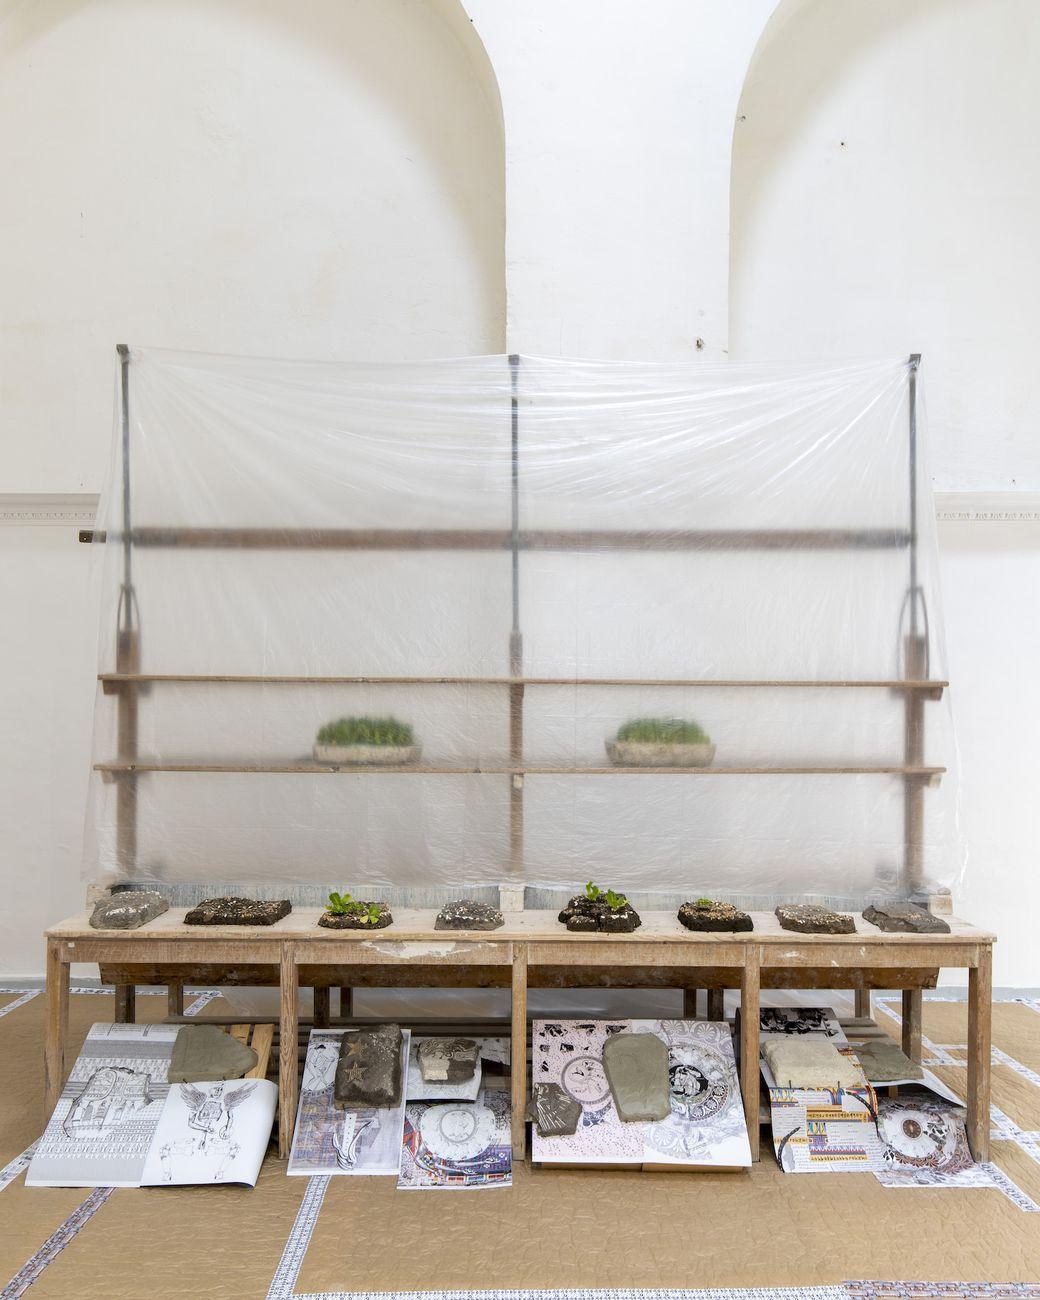 Diego Cibelli. Gates. Exhibition view at Real Fabbrica di Capodimonte, Napoli 2021. Photo Amedeo Benestante. Courtesy Museo e Real Bosco di Capodimonte, Napoli